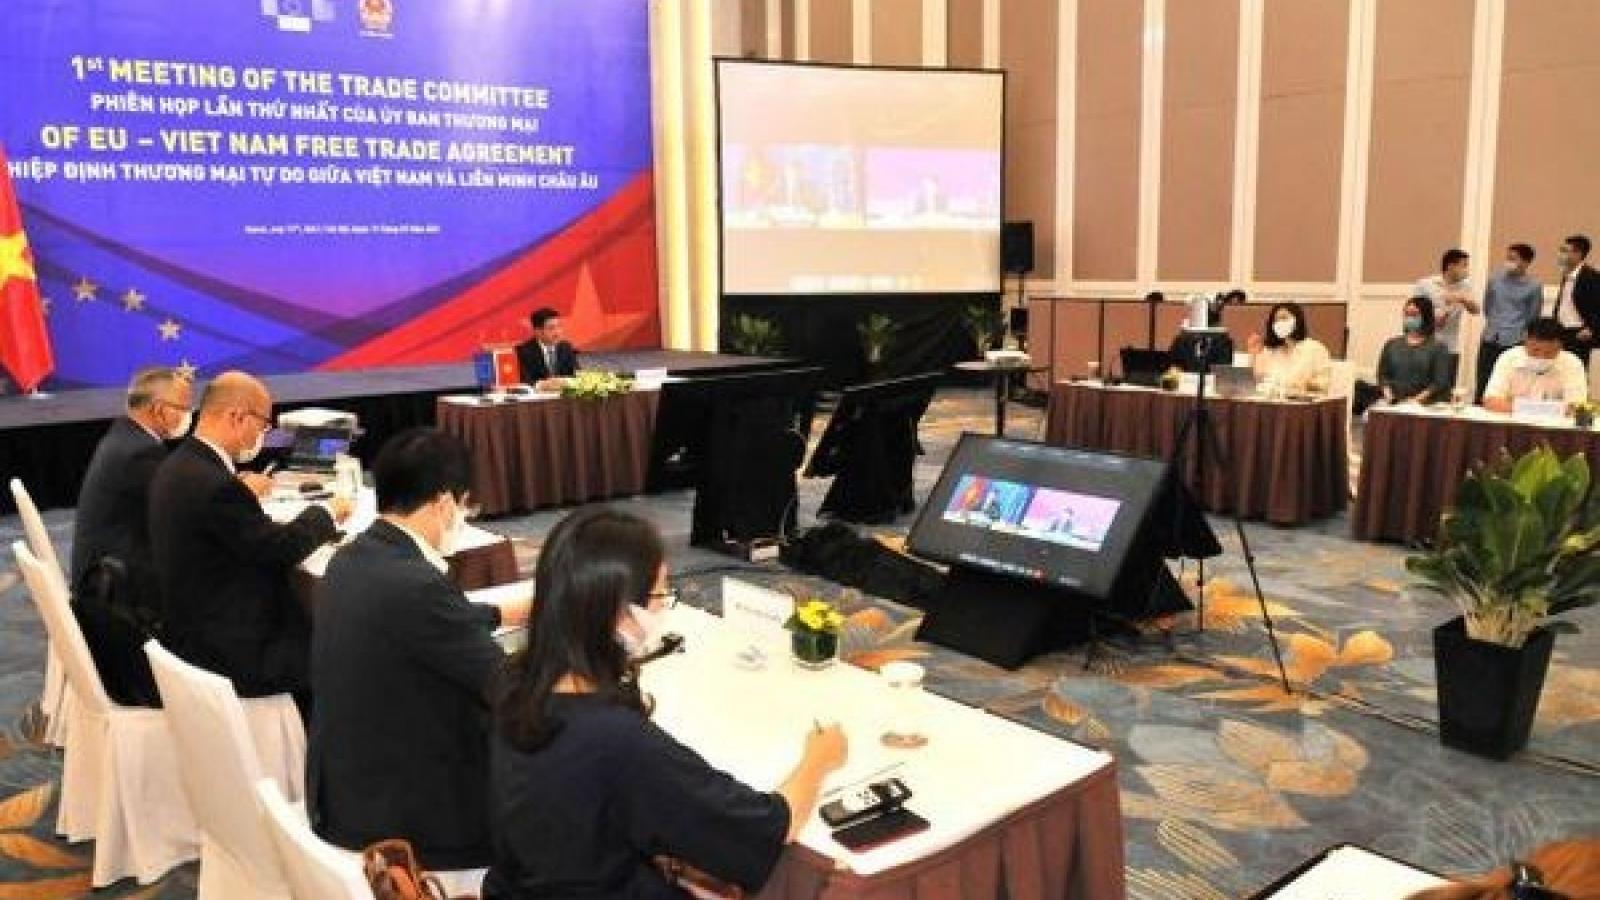 EU-Vietnam trade deal enforcement under review